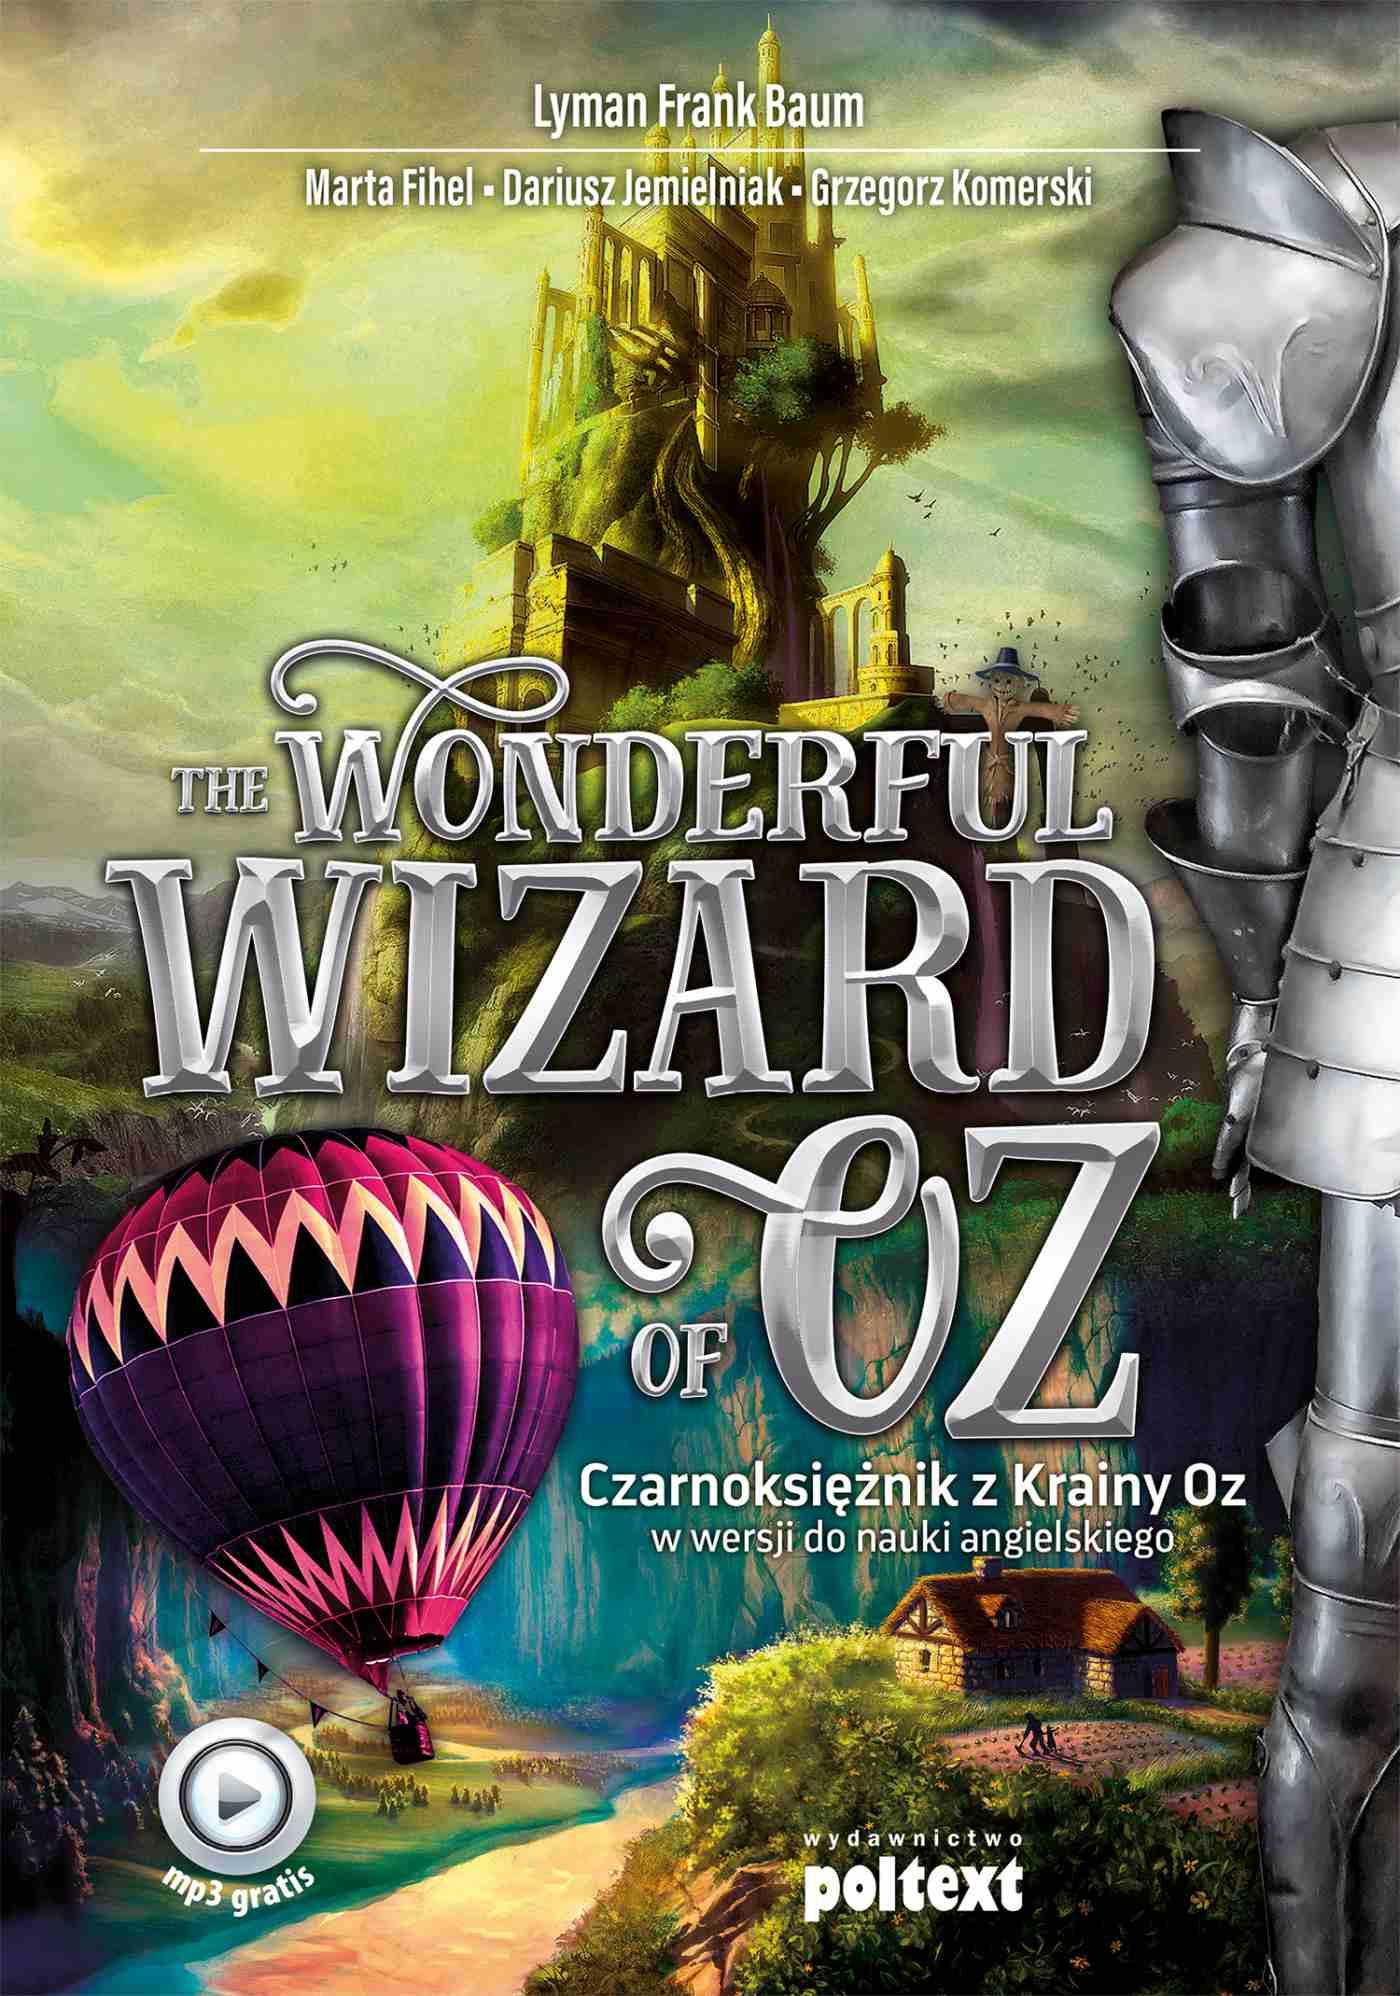 The Wonderful Wizard of Oz. Czarnoksiężnik z Krainy Oz w wersji do nauki angielskiego - Ebook (Książka EPUB) do pobrania w formacie EPUB